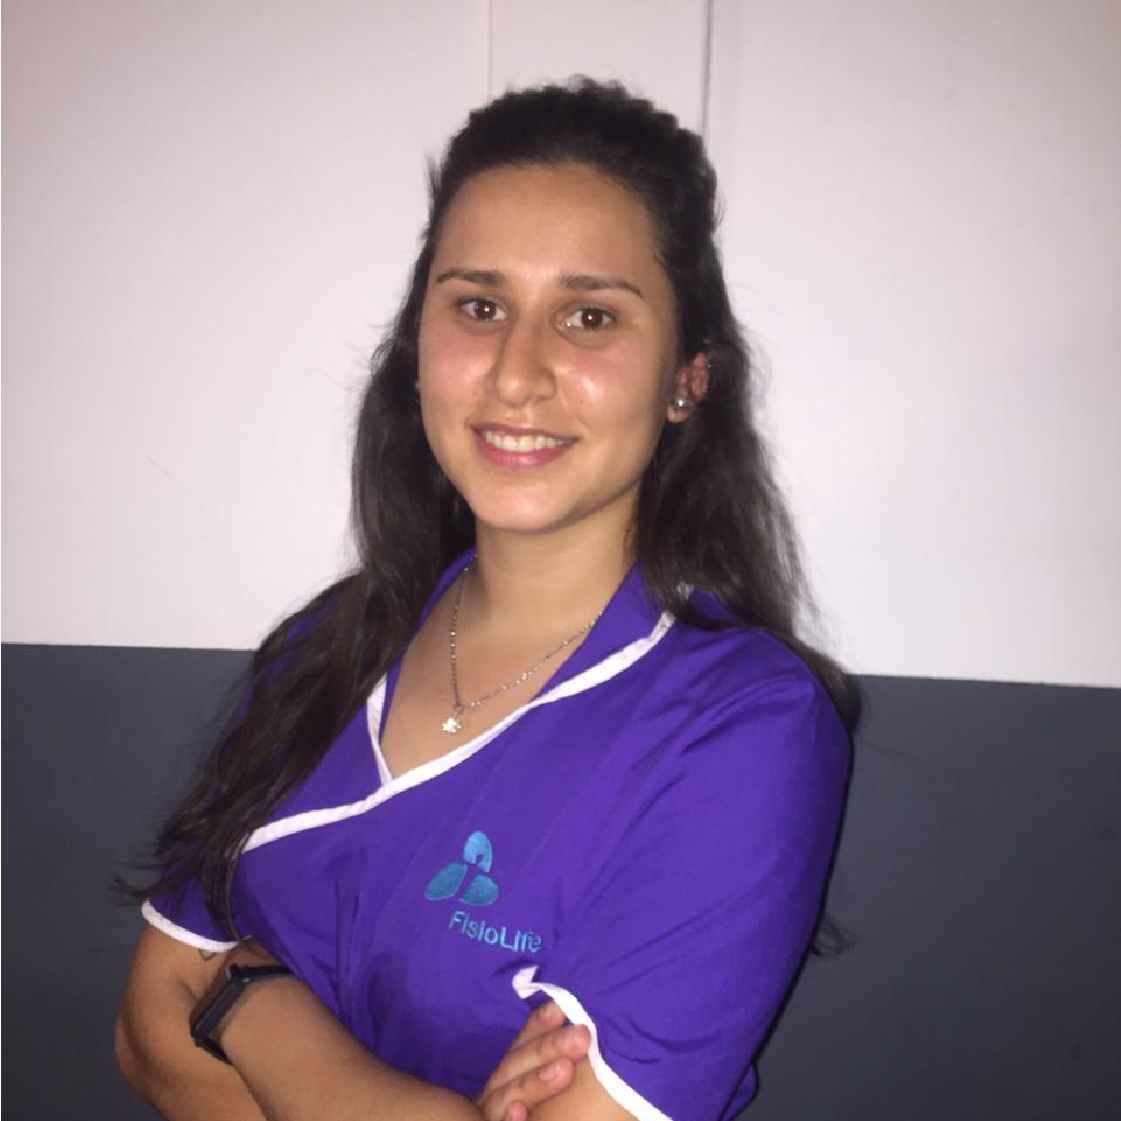 Camila Delgado